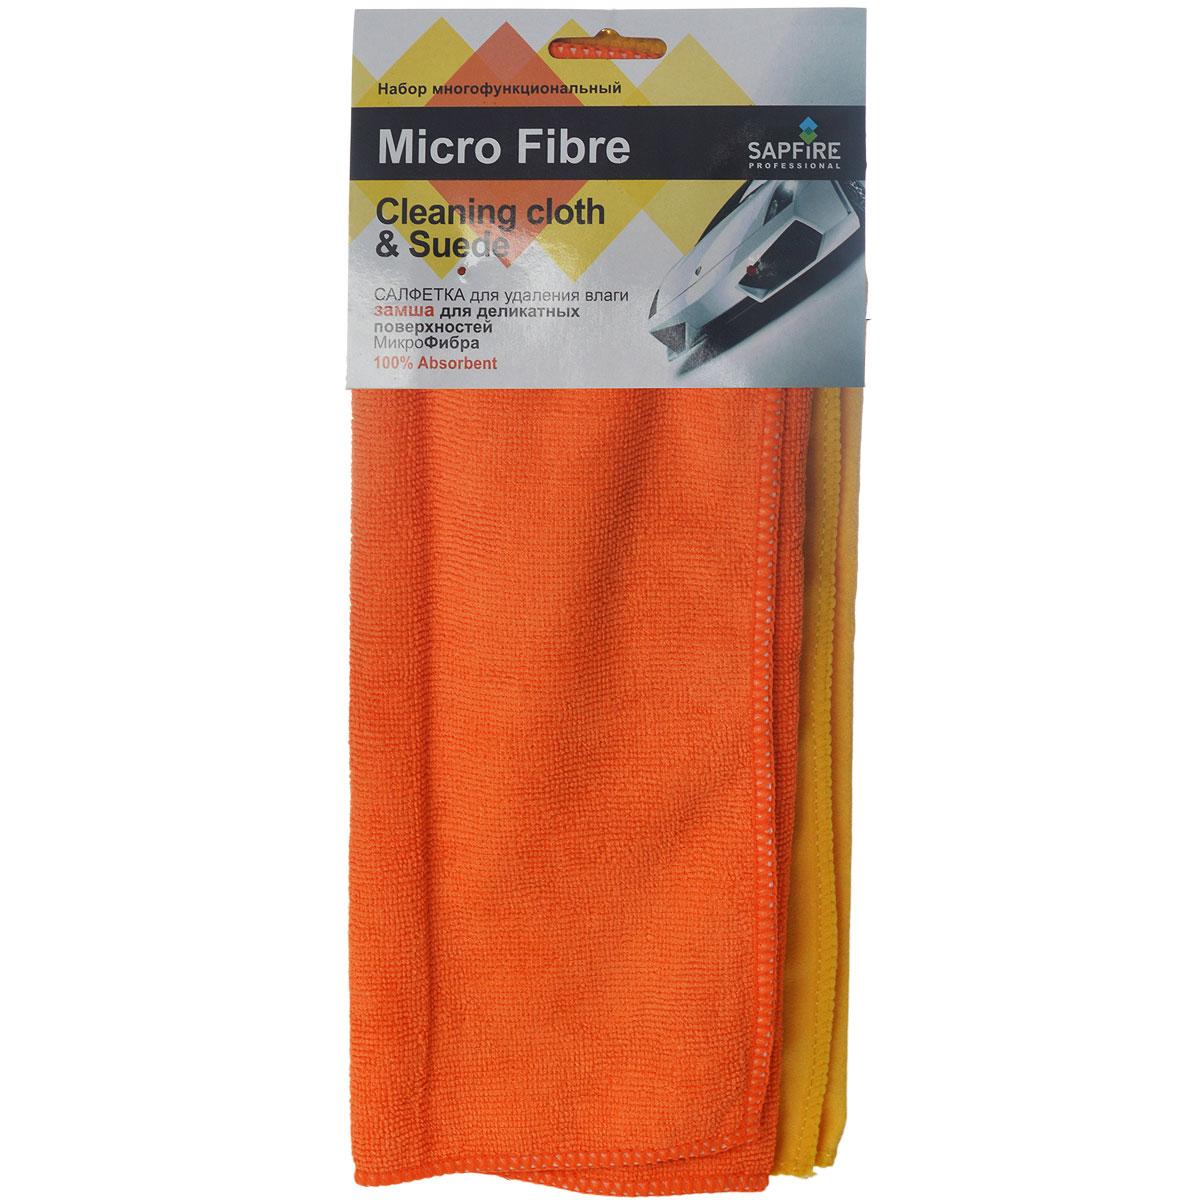 Набор многофункциональный Sapfire, салфетка и замша, 35 см х 40 см3069-SFMНежная текстура искусственной замши идеально подходит для сухой протирки деликатных поверхностей. Тканевая салфетка, обладая прекрасными абсорбирующими свойствами, идеально подходит для протирки автомобиля после мытья, а также для бережного удаления влаги с любых поверхностей.Материал (микрофибра) обладает уникальной способностью быстро впитывать большой объем жидкости (в 8 раз больше собственной массы). Салфетка великолепно моет и сушит. Протертая поверхность становится идеально чистой, сухой, блестящей, без разводов и ворсинок.